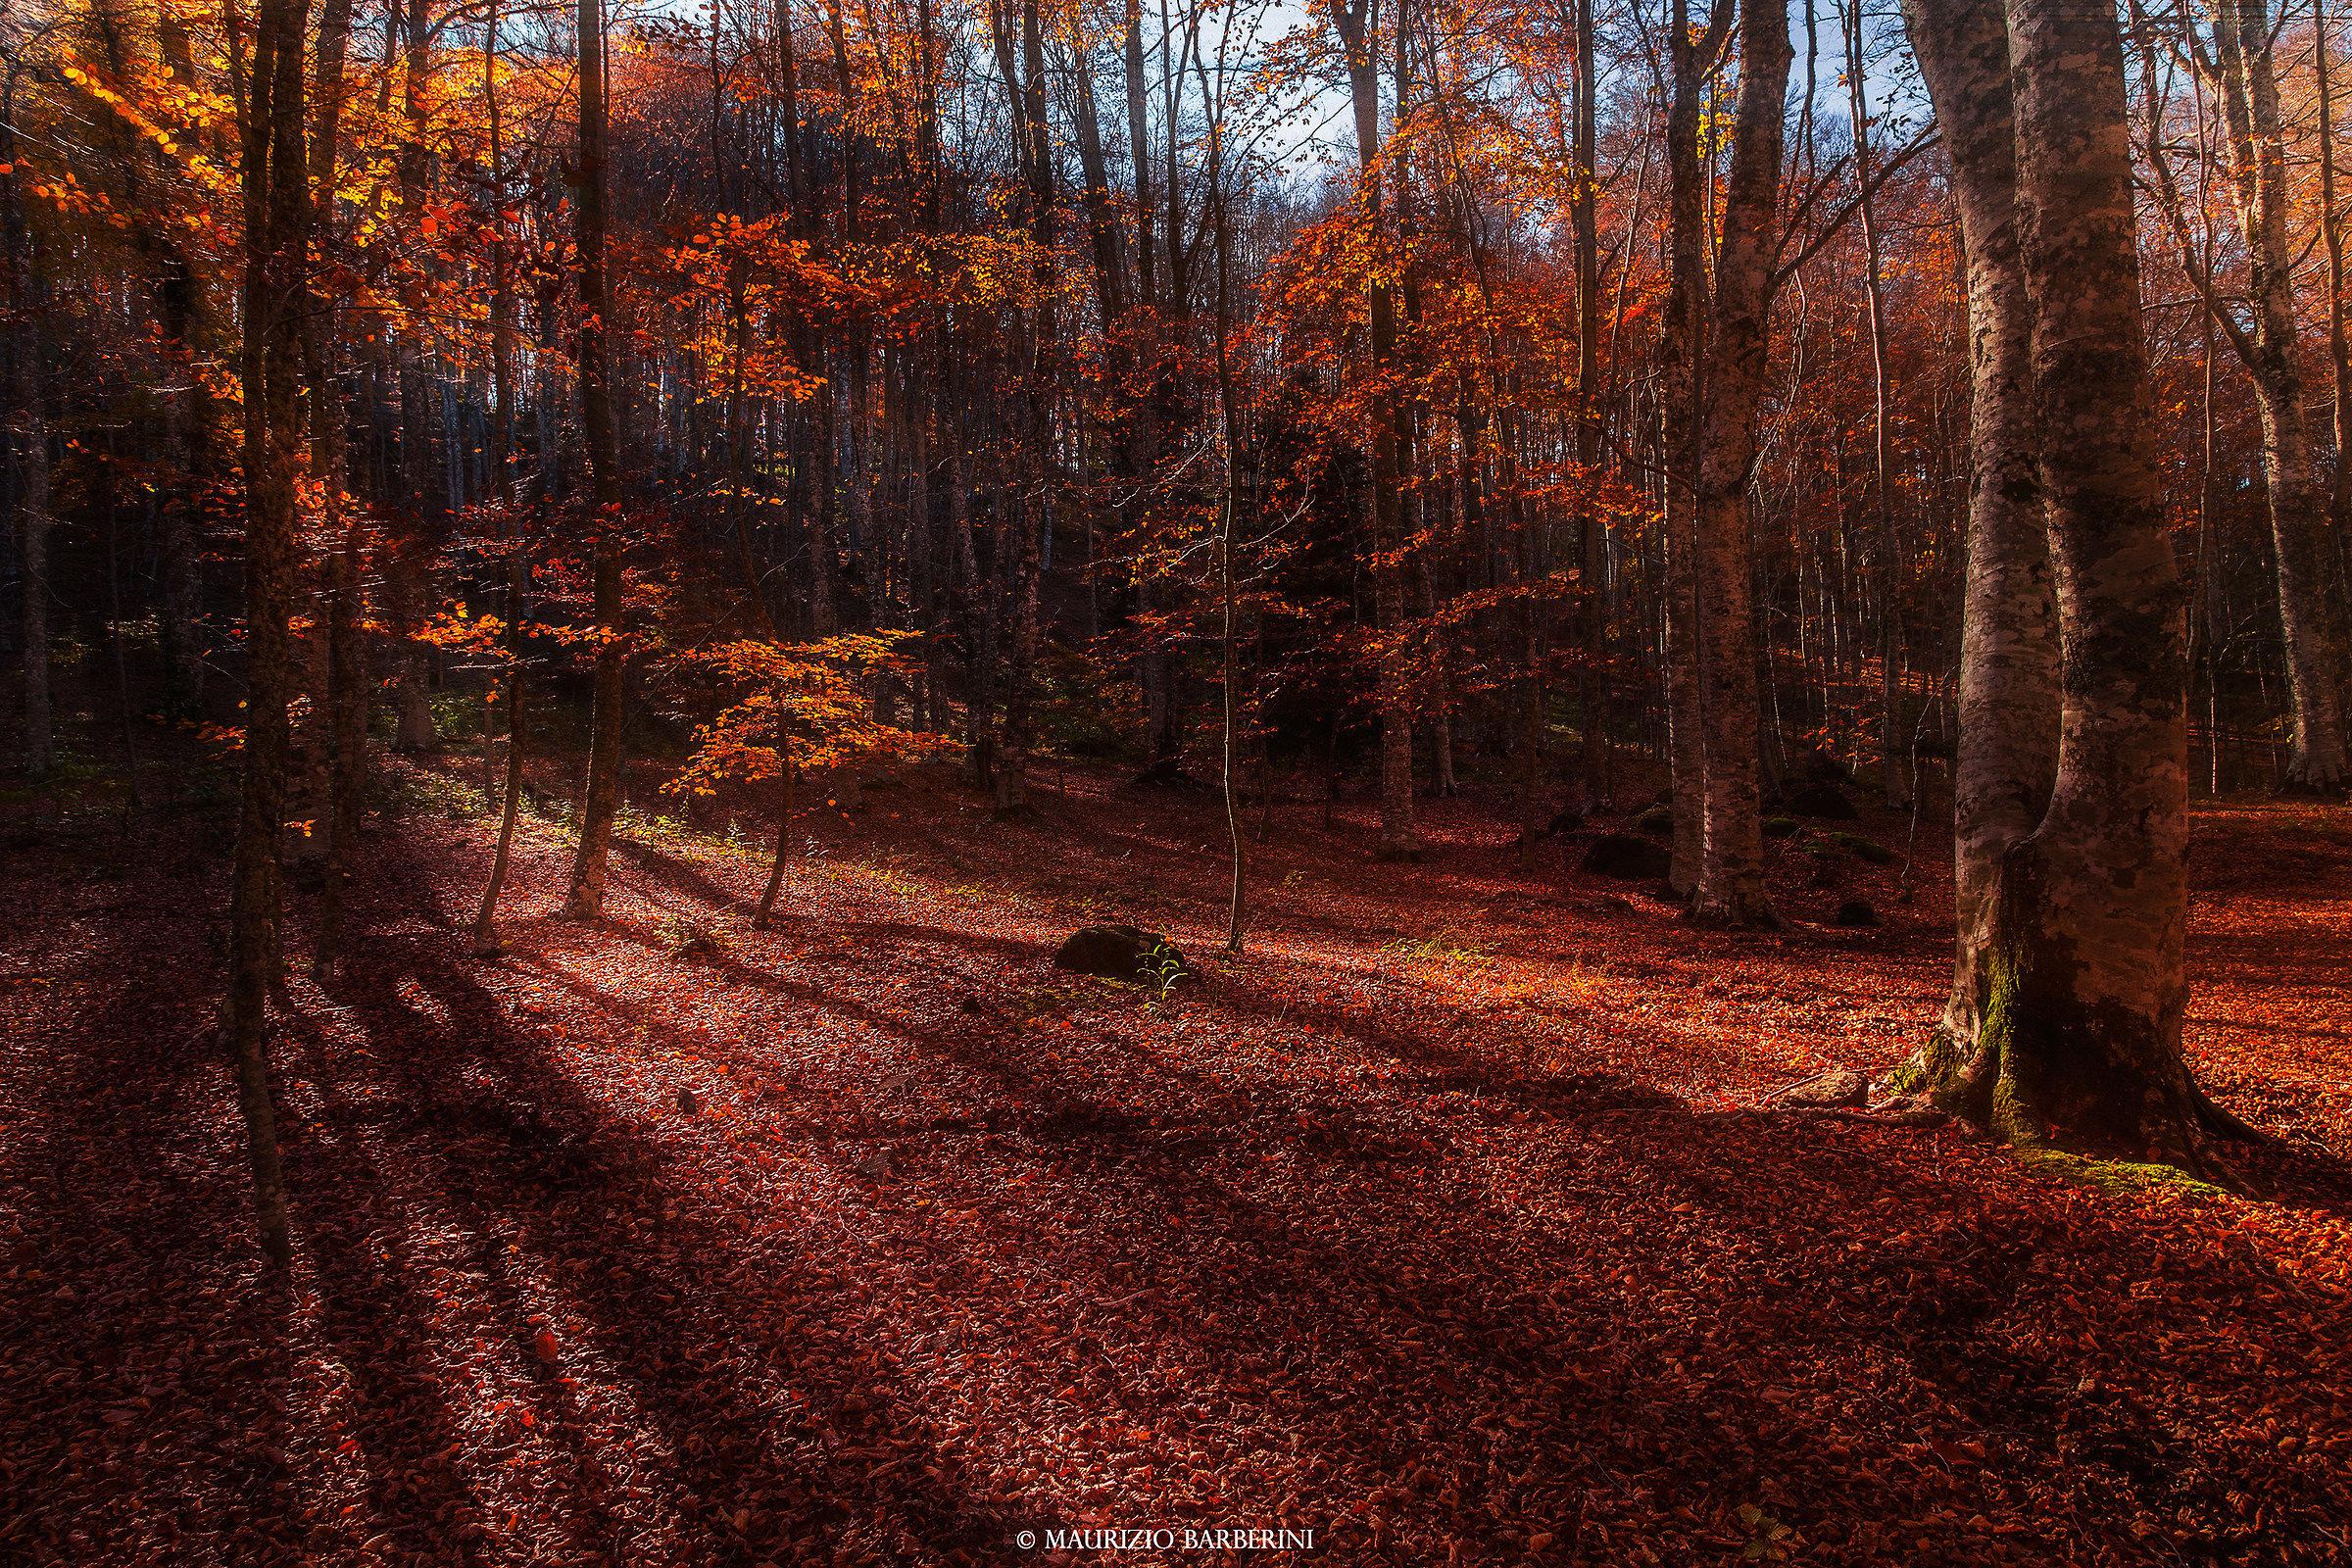 La foresta...